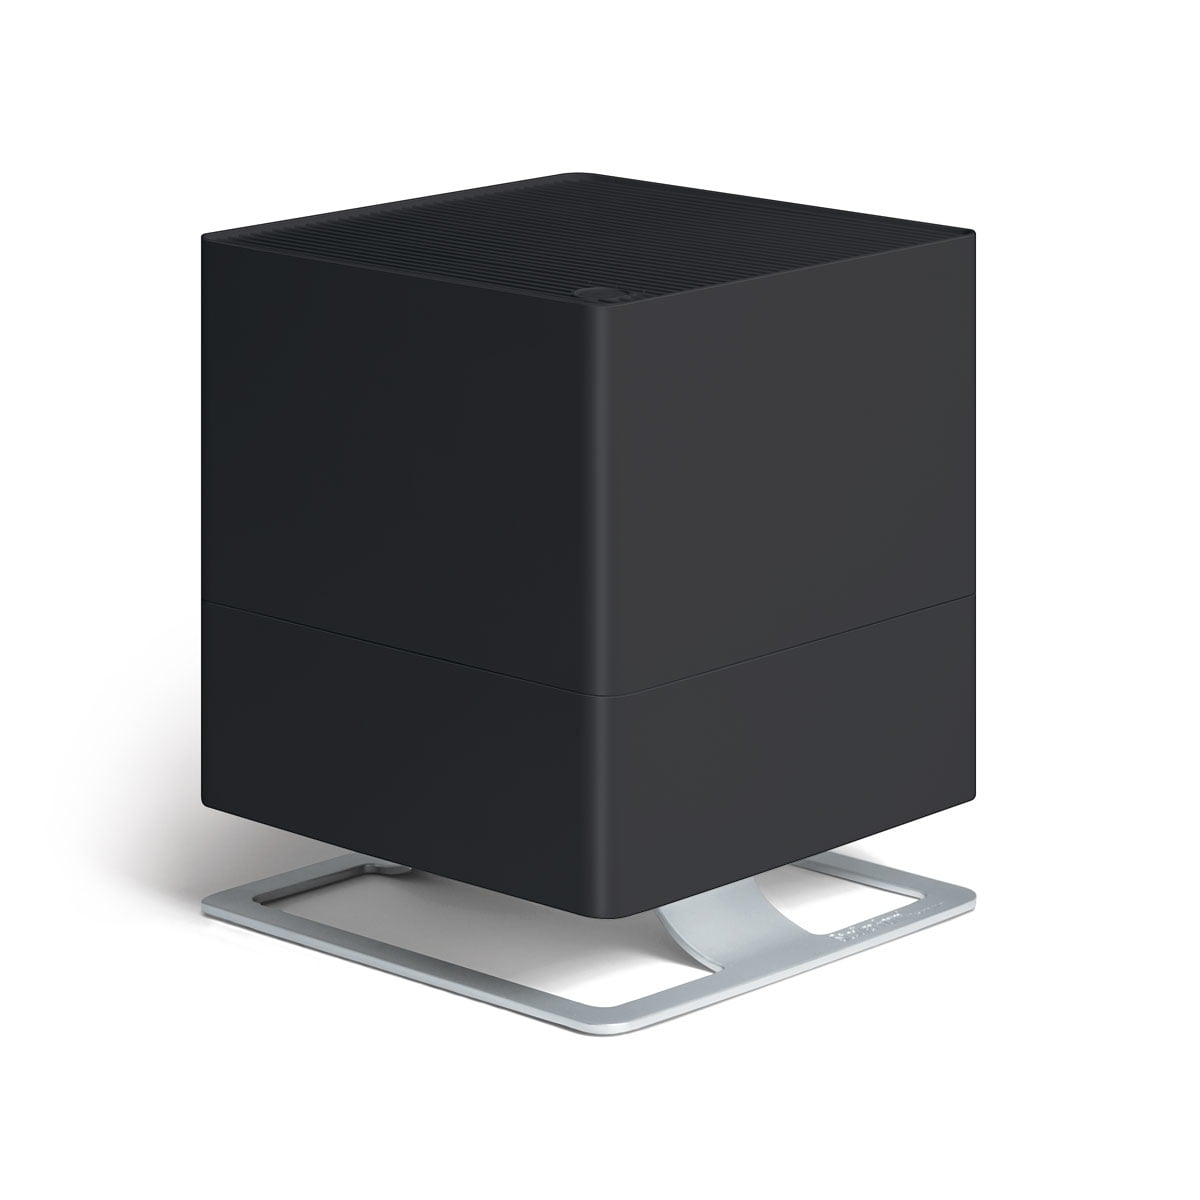 Stadler Form - Oskar Luftbefeuchter, schwarz | Baumarkt > Heizung und Klima > Klimageräte | Schwarz | Kunststoff | Stadler Form